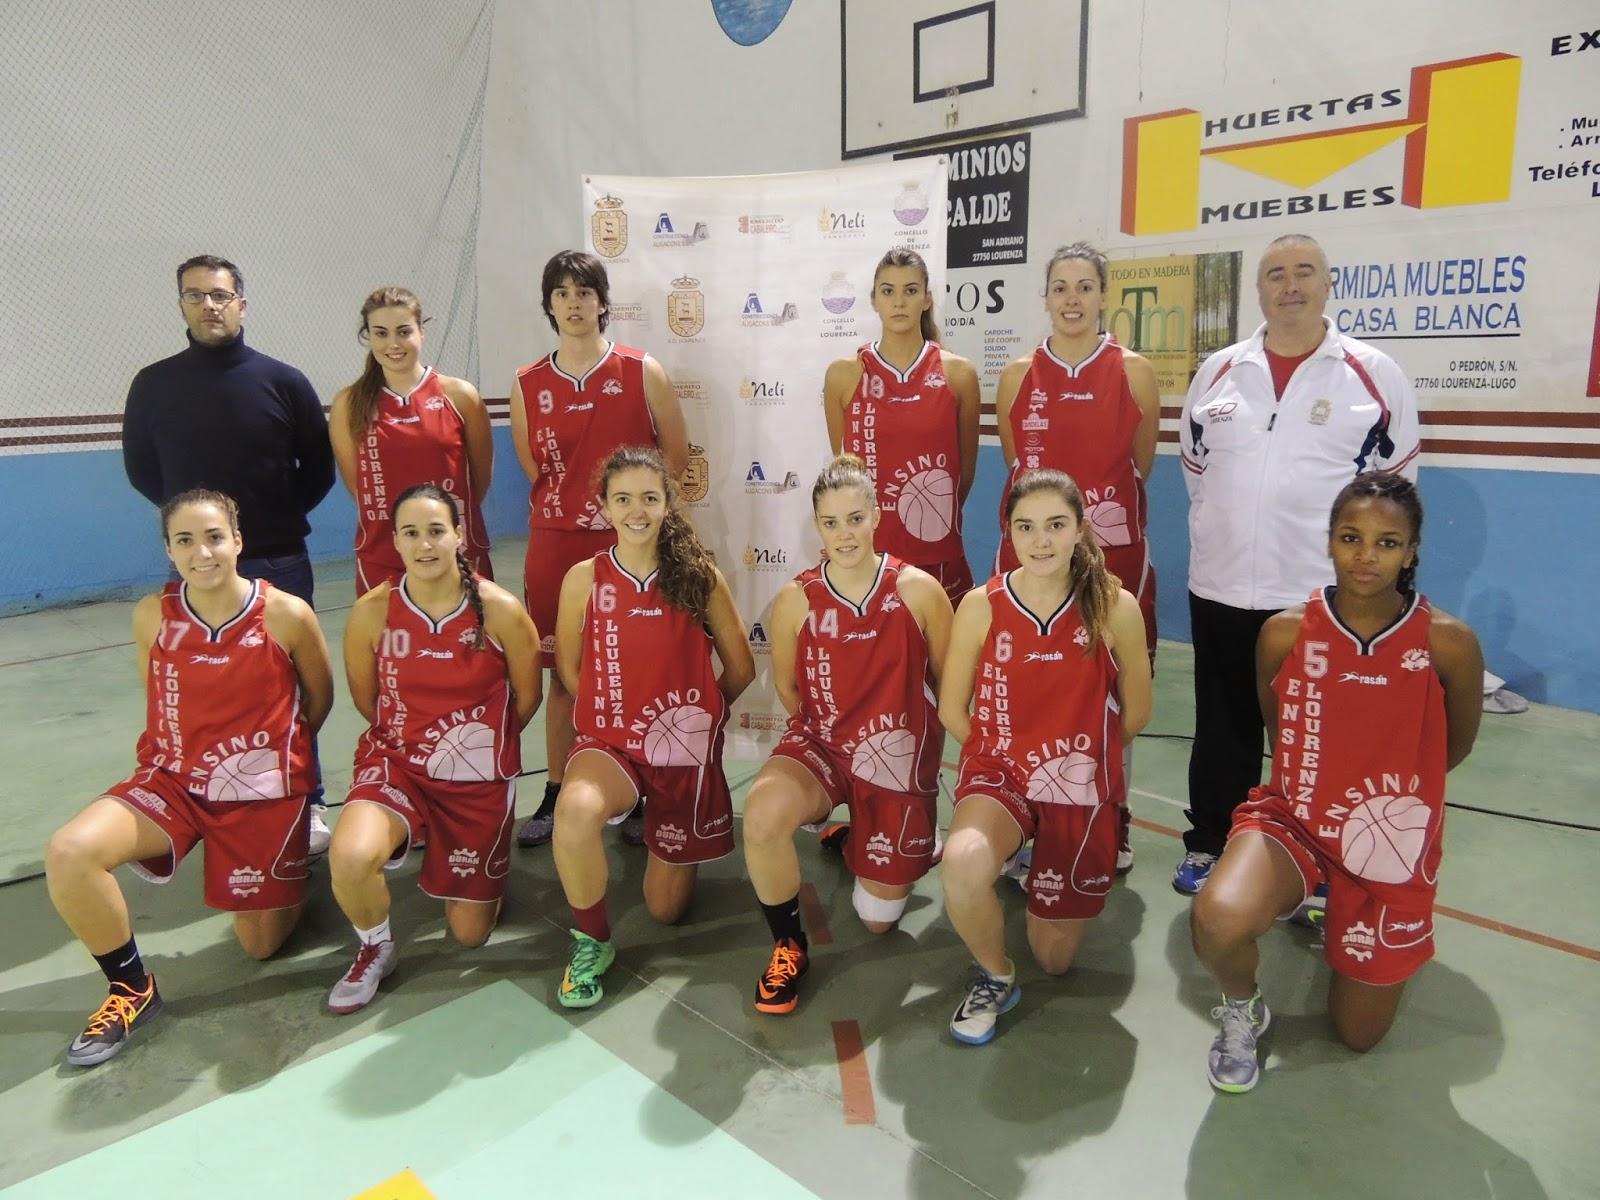 Escolas Deportivas Lourenz Conquistada Segovia U Segovia 54  # Muebles Huertas Lourenza